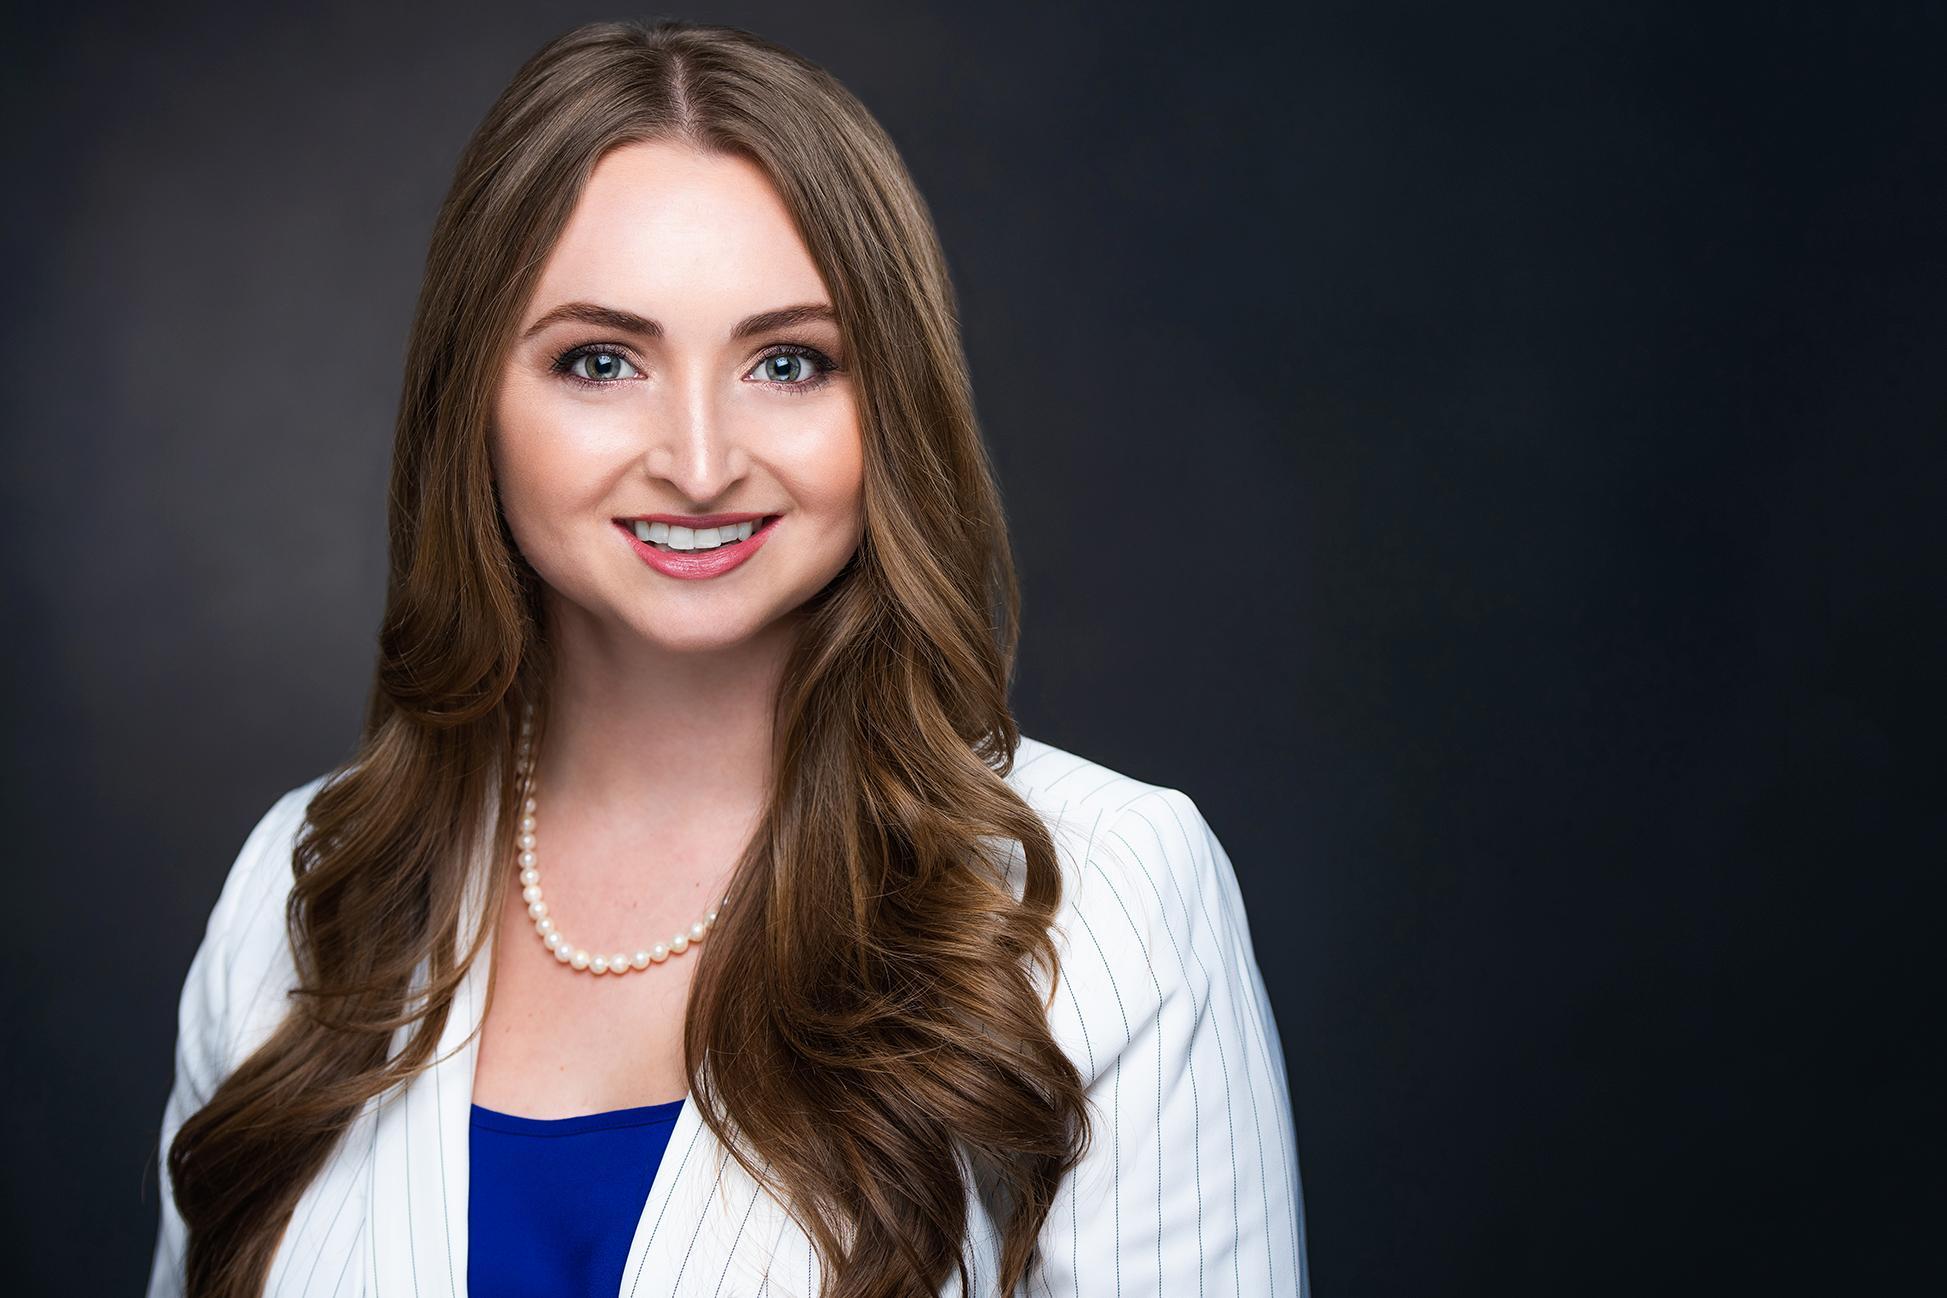 LAUREN ELIZABETH CRUMBAKER Financial Professional & Insurance Agent